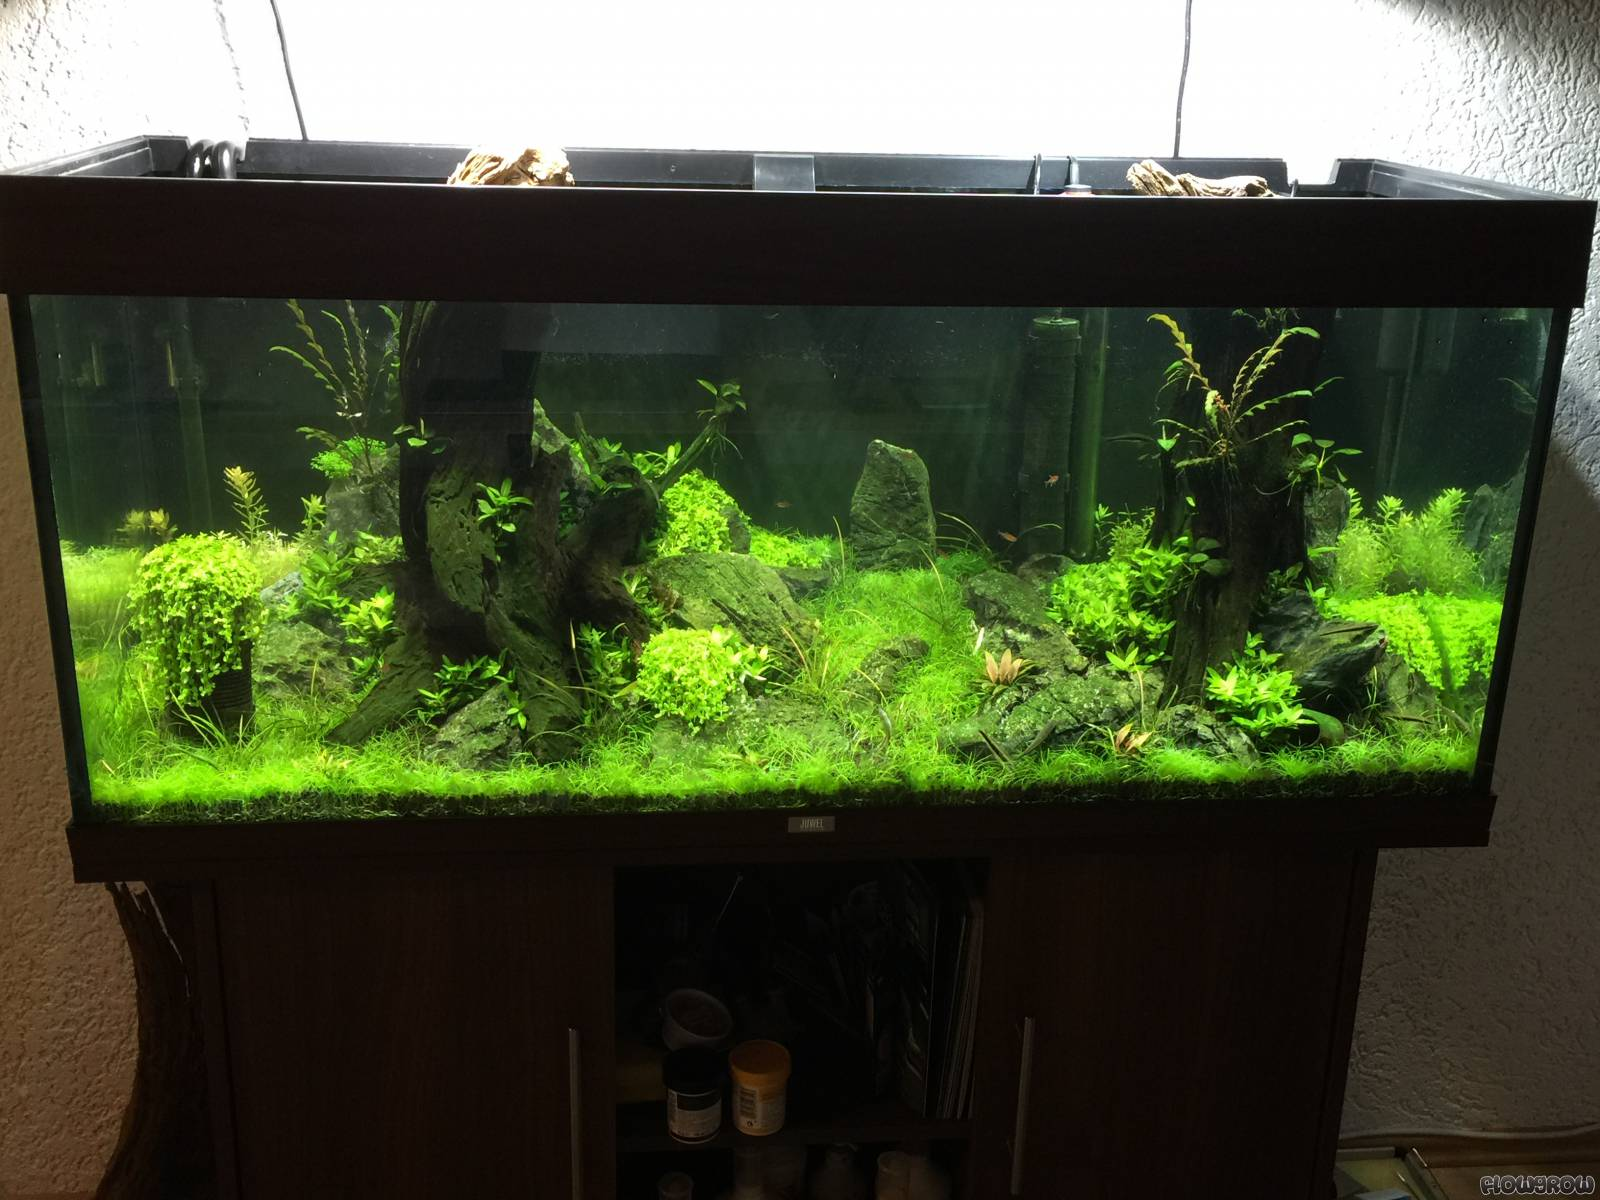 juwel rio240 flowgrow aquascape aquarien datenbank. Black Bedroom Furniture Sets. Home Design Ideas